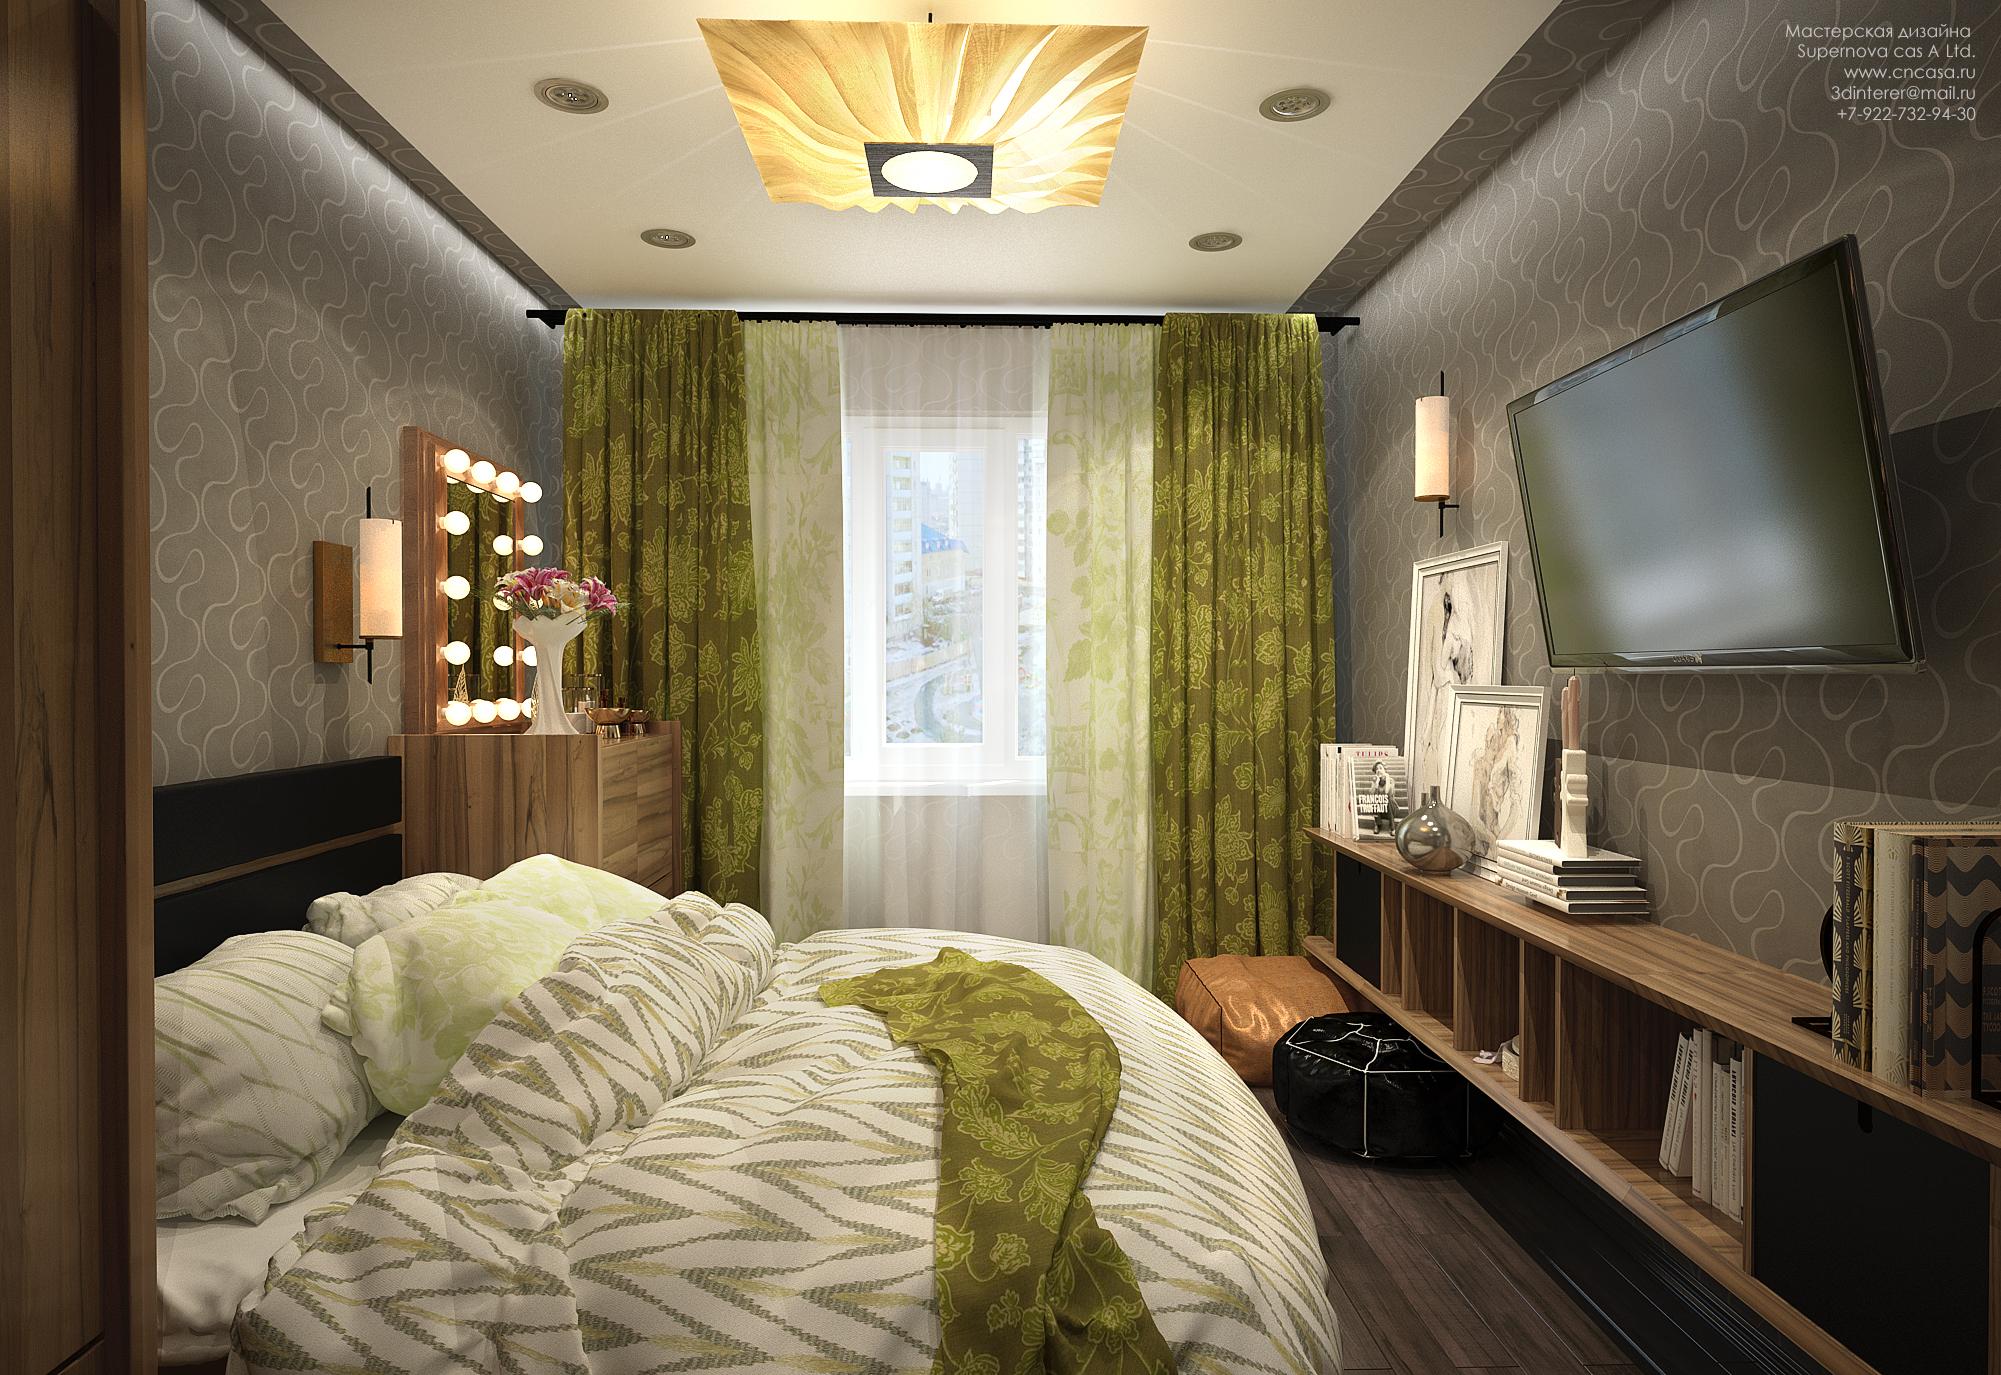 Дизайн квартиры 2 комнатной квартиры